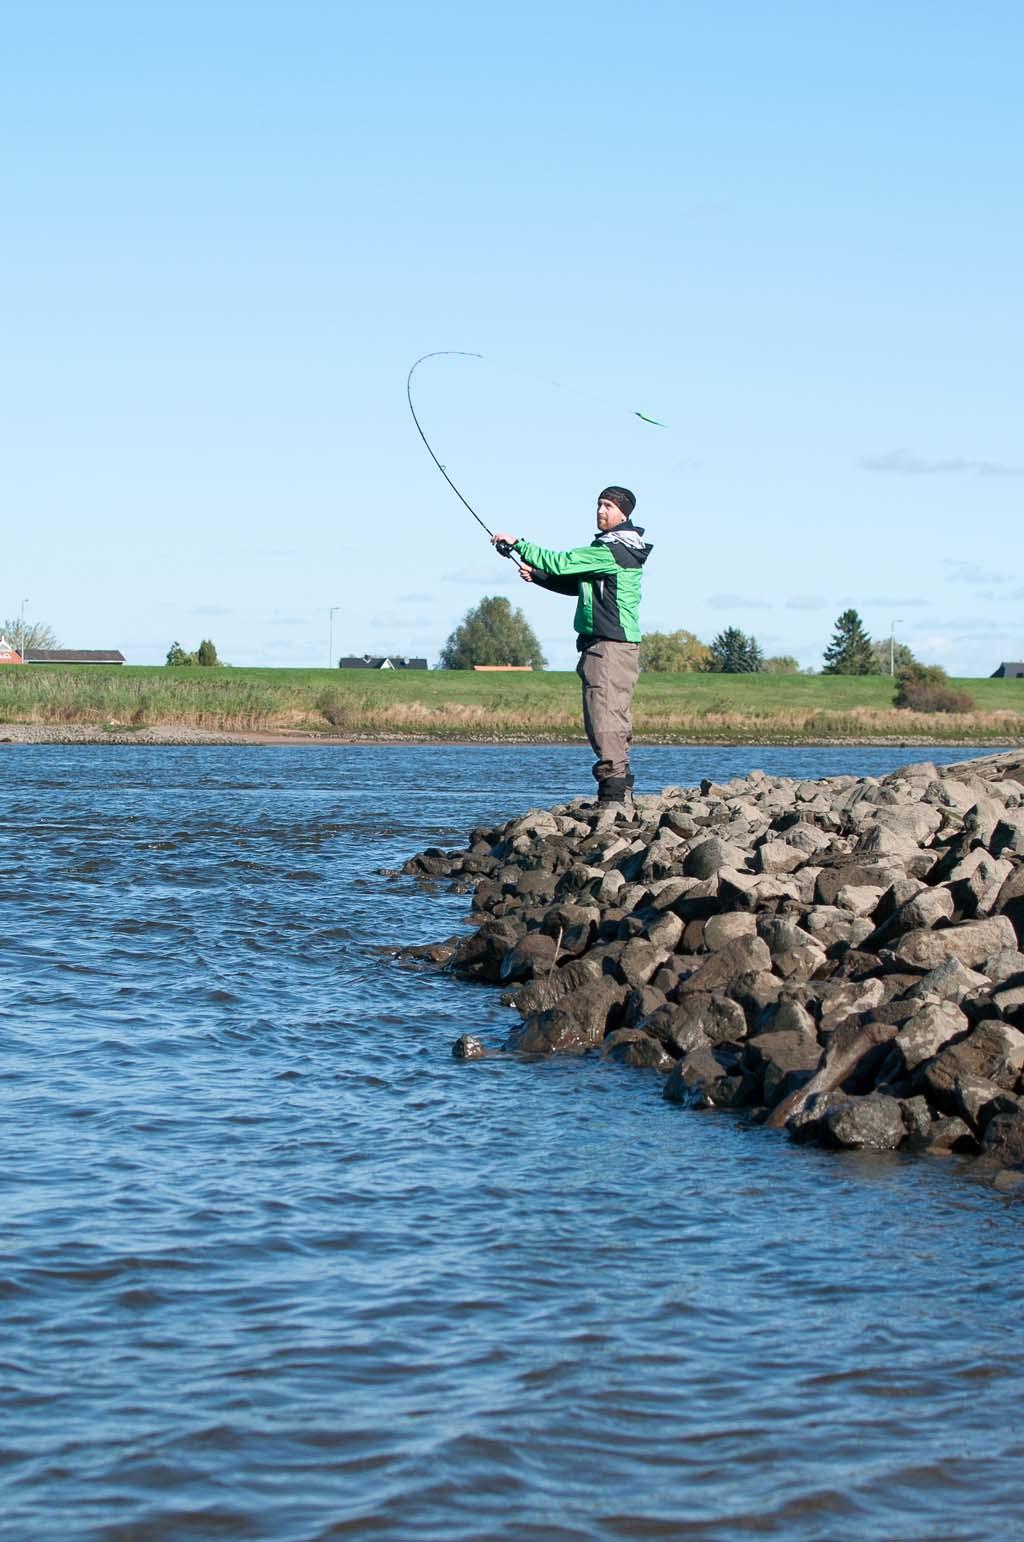 Das Zanderangeln im Herbst verspricht auch für Uferangler optimale Fangchancen.